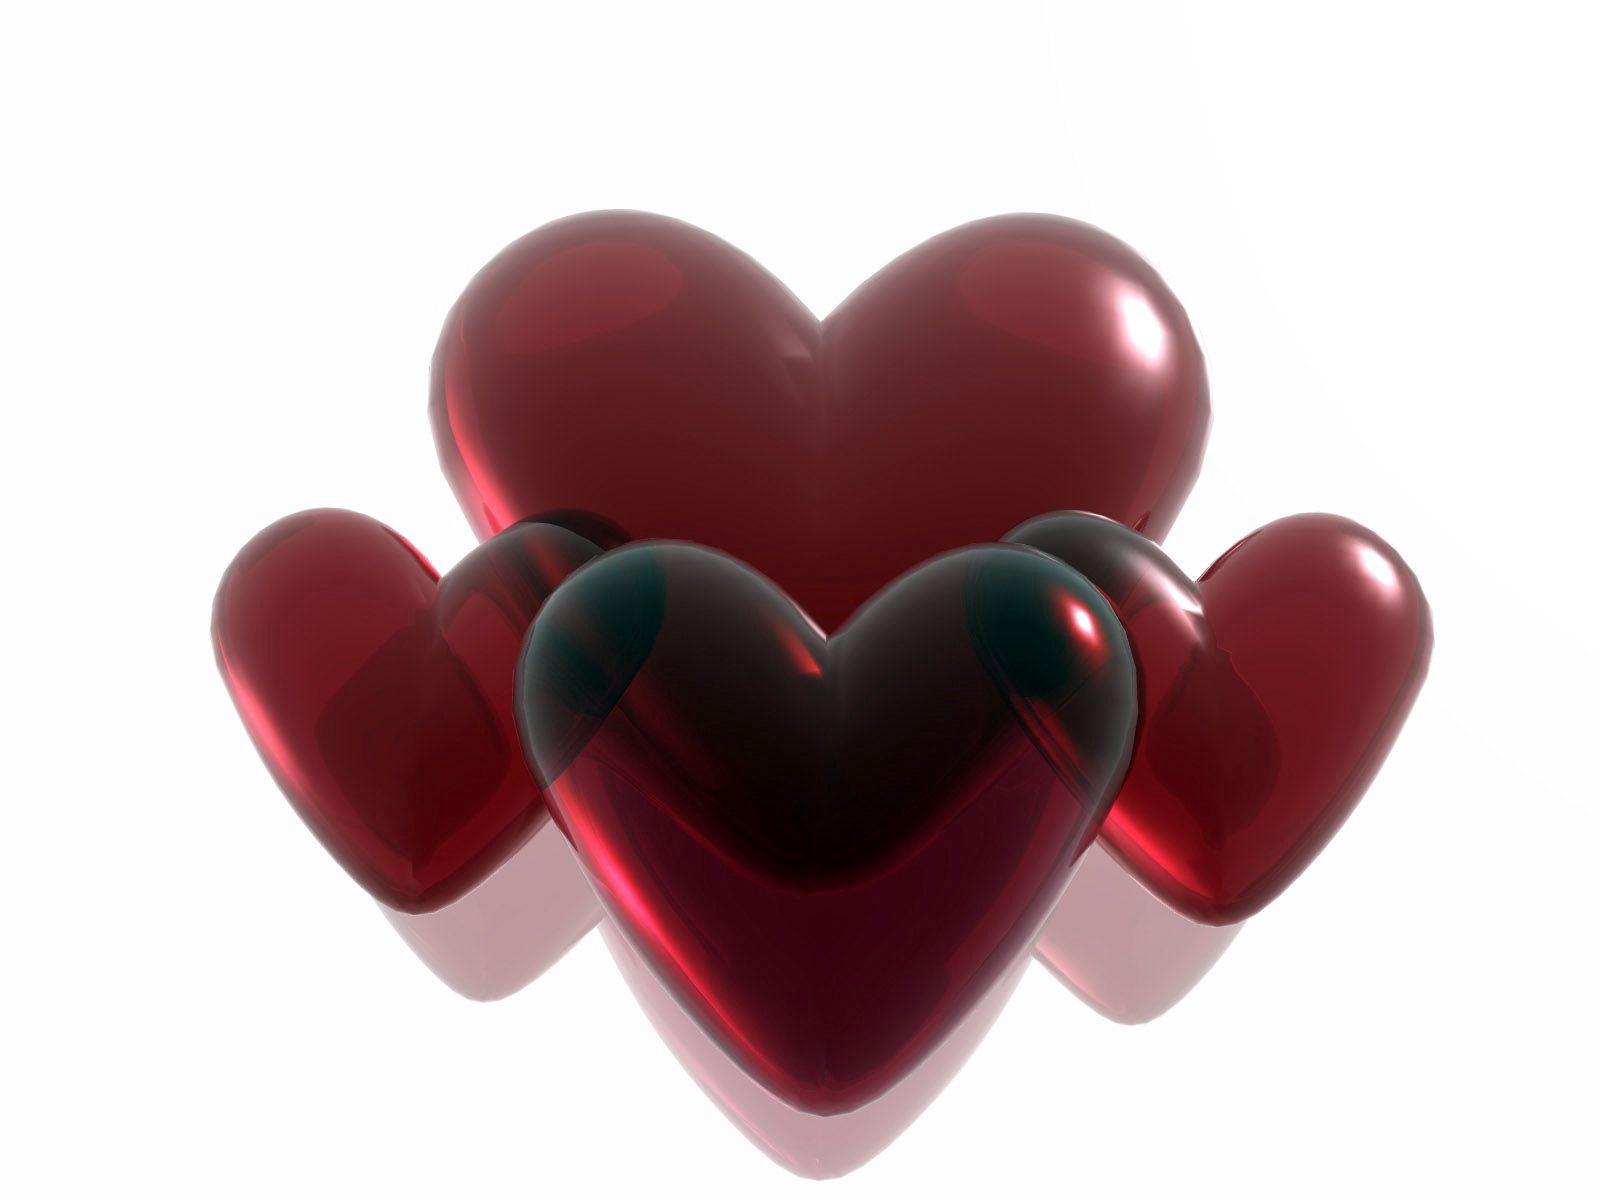 157136 Заставки и Обои Сердца на телефон. Скачать Сердца, Любовь, Темный, Стекло, Романтика, Набор картинки бесплатно